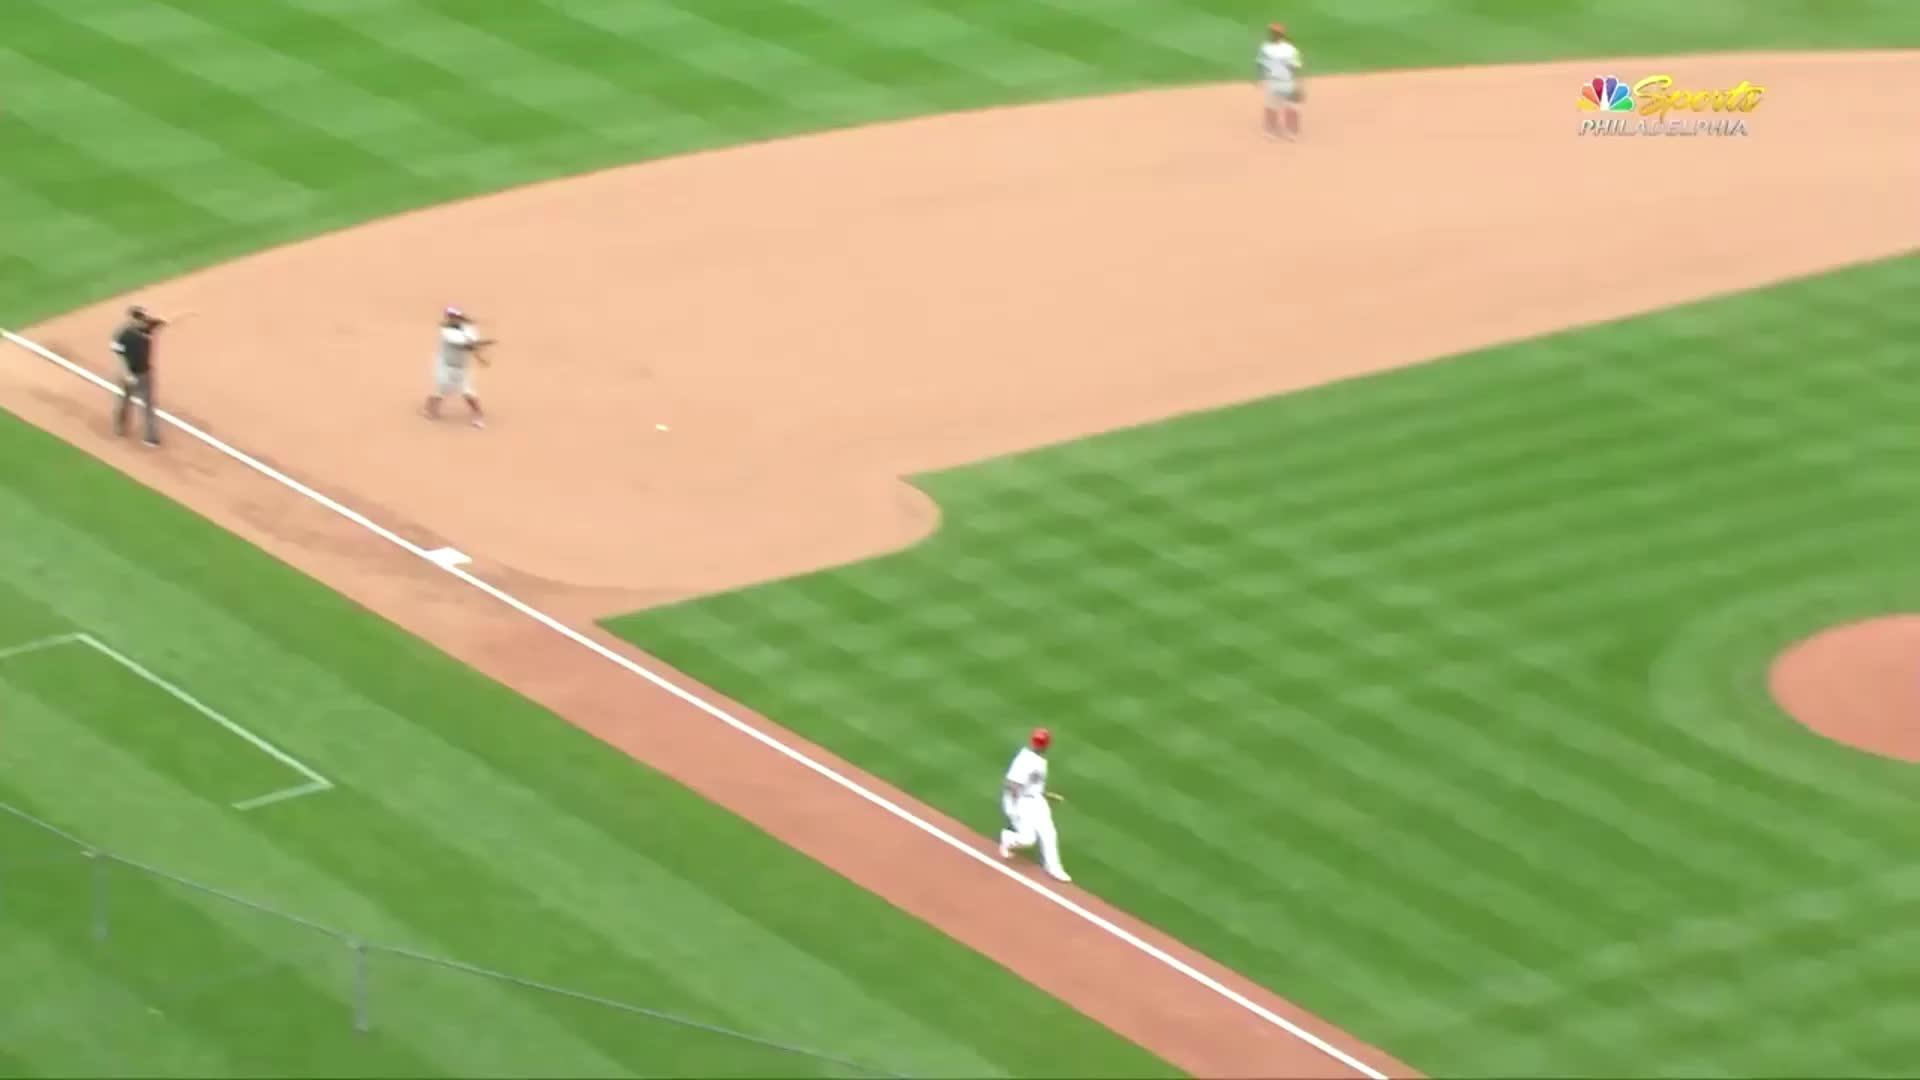 baseball, cardinals, dodge, molina, st louis cardinals, tag, Yadier Molina dodges tag GIFs